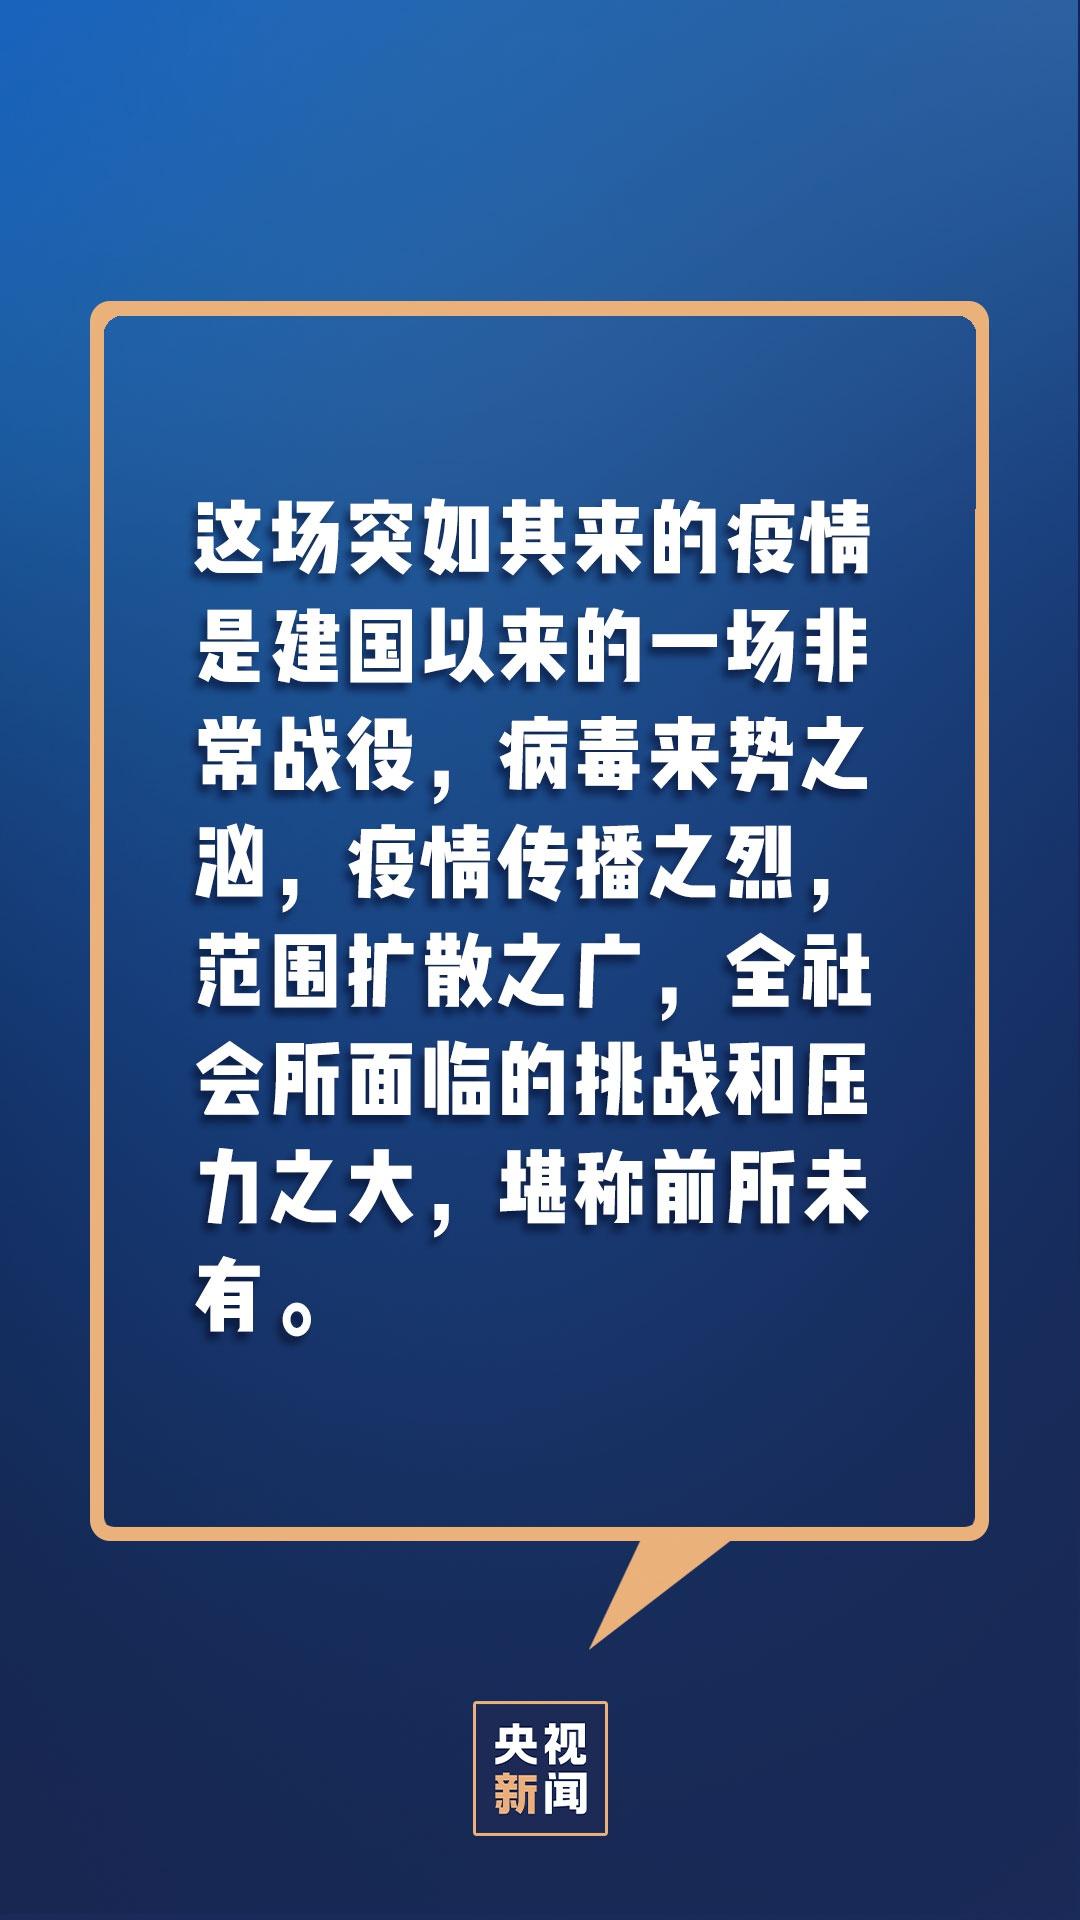 武汉不是在孤军作战!图片